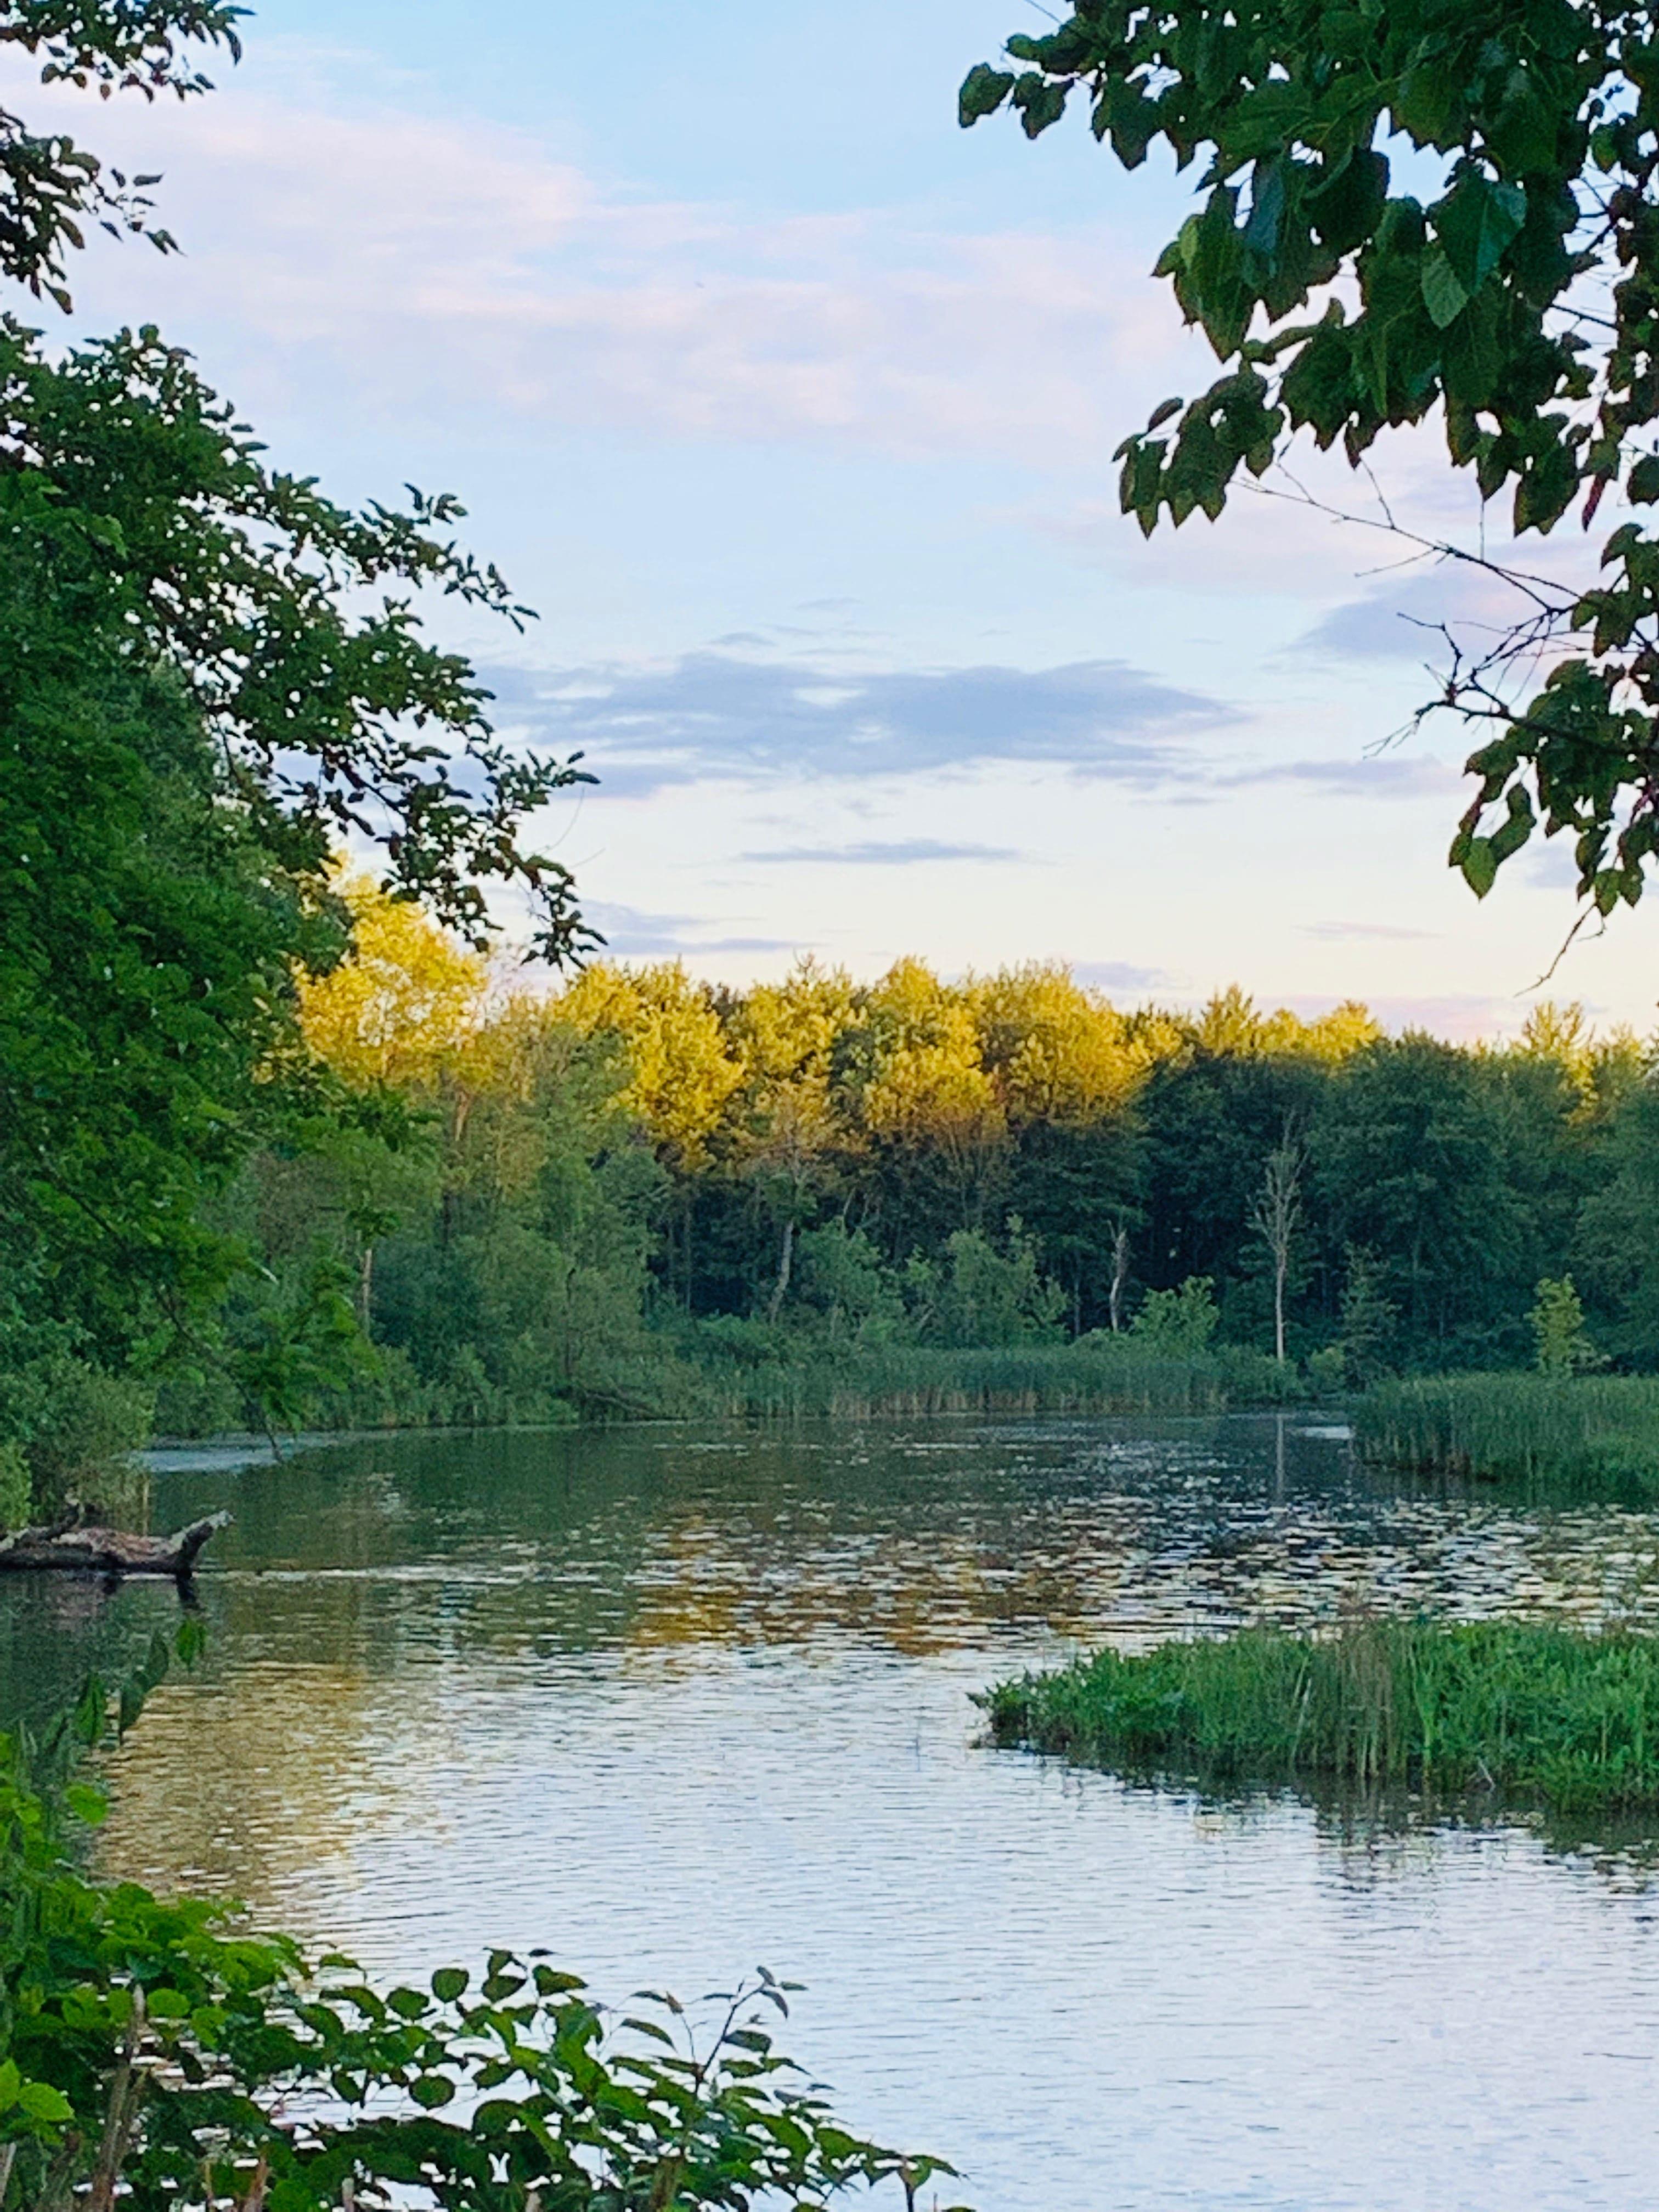 New York Kayaking, New York Canoeing, Saratoga Springs Paddle Club, New York Water sports, New York Water Recreation, New York Nature, New York Adventure, Local New York Water Recreation, New York Exercise, Adirondacks, Upstate New York Recreation, Water Recreation Club, Fish Creek in Saratoga Springs New York